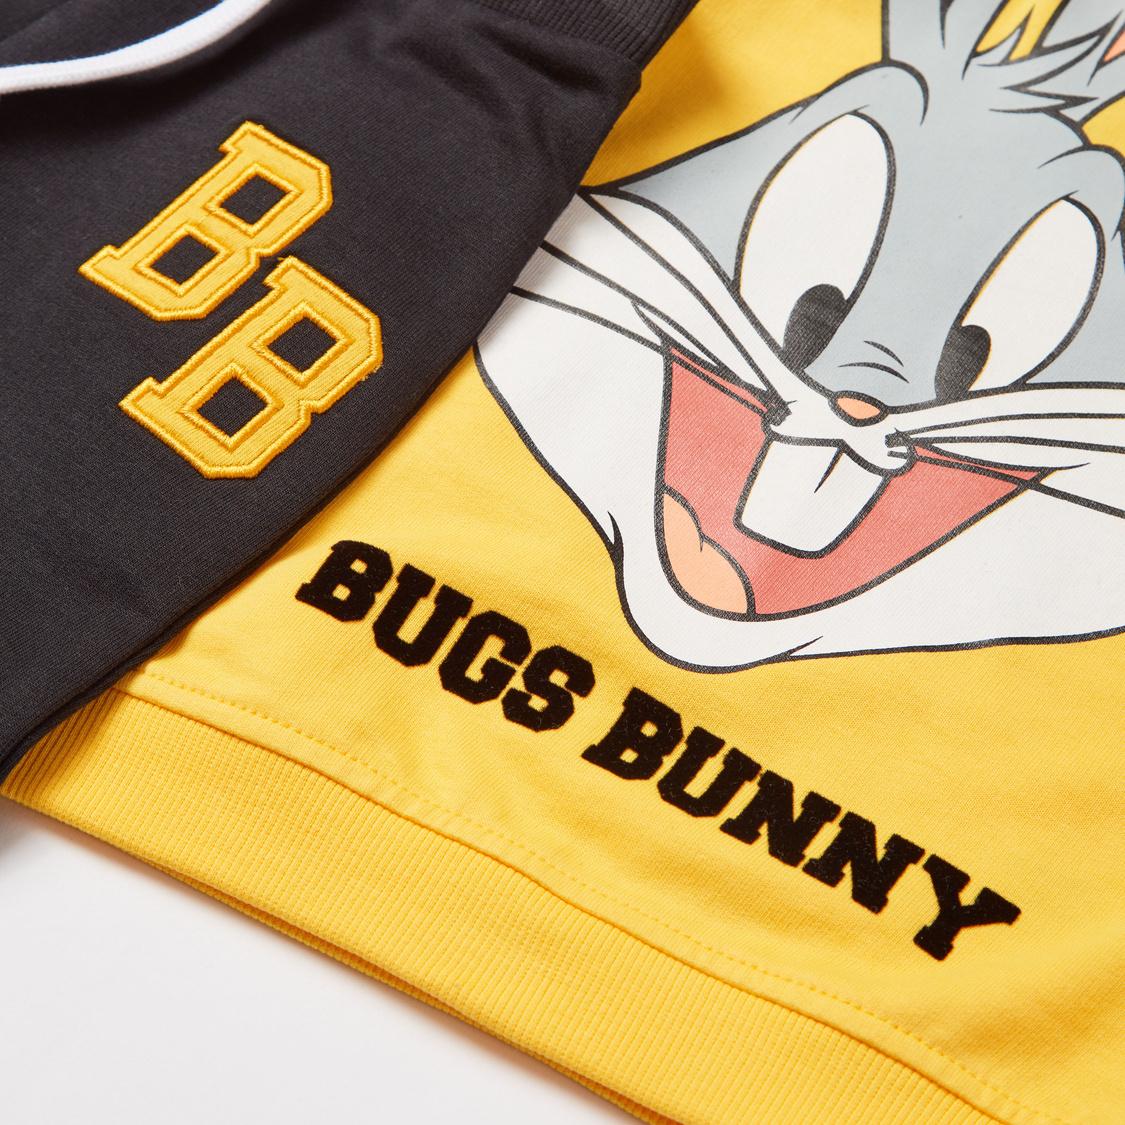 Bugs Bunny Graphic Print Long Sleeves Sweatshirt with Jog Pants Set